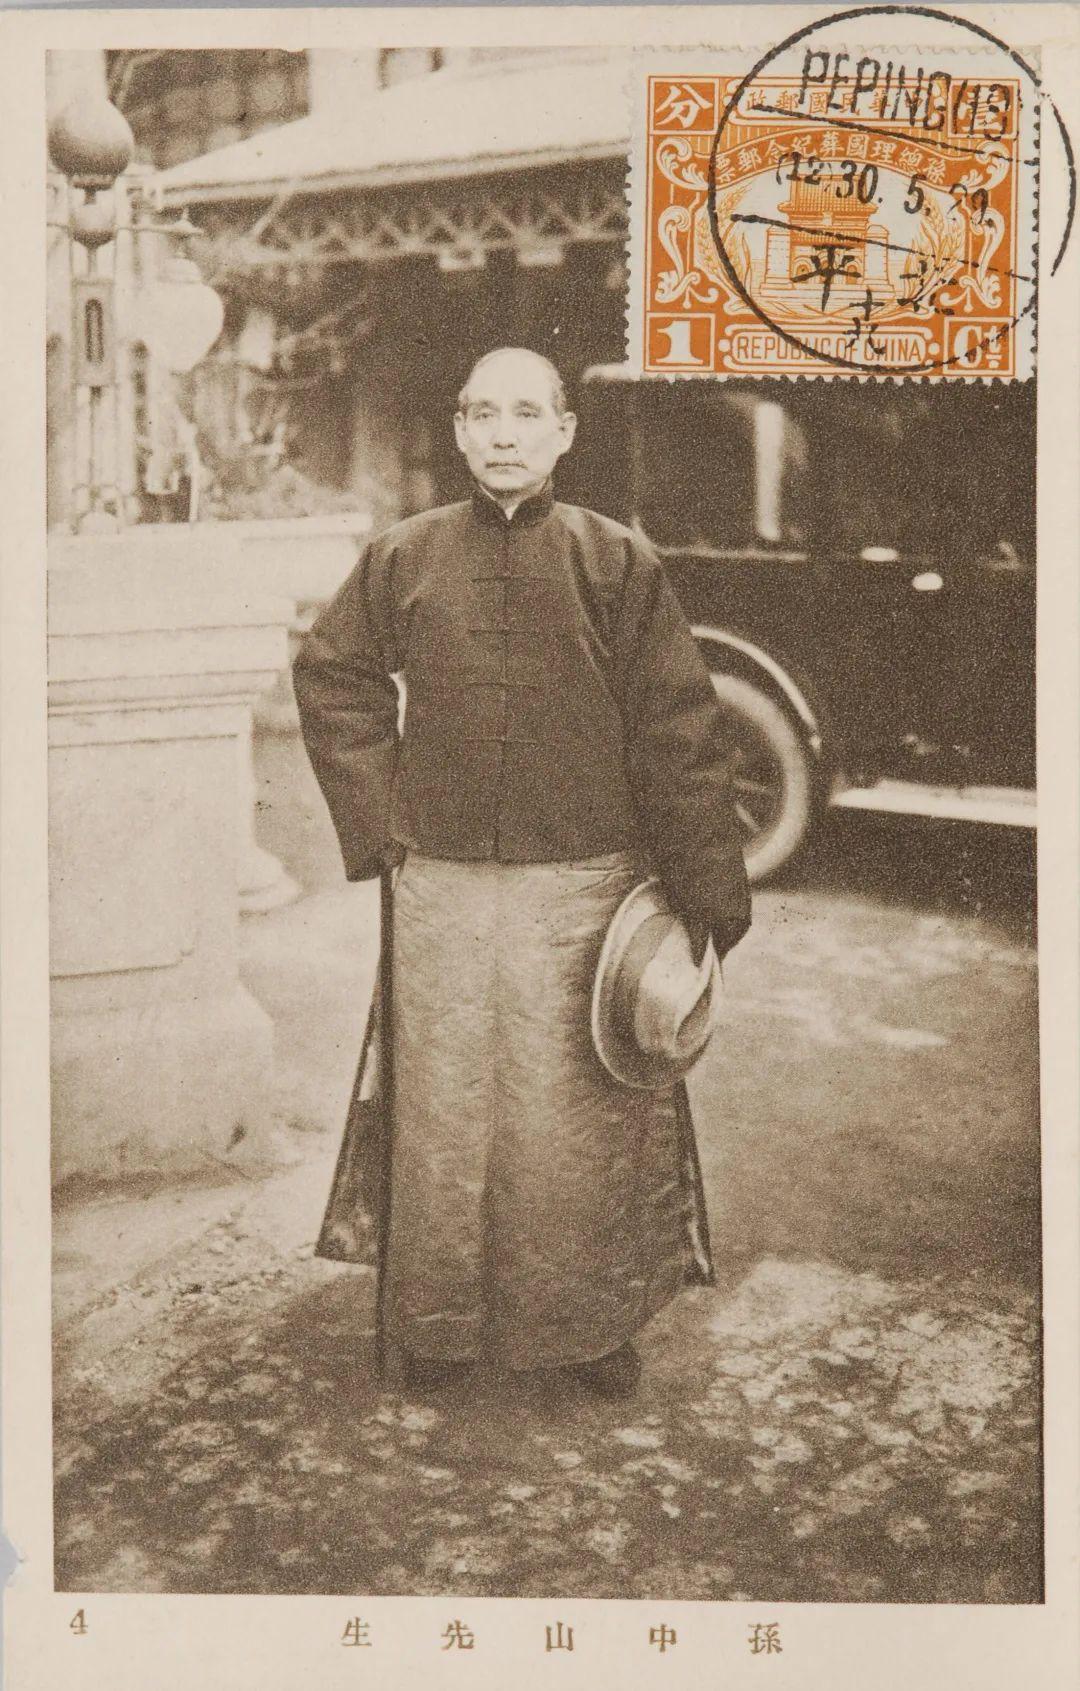 【记录】这组珍藏在省博物馆里的明信片,带你在辛亥革命纪念日忆孙中山先生图片